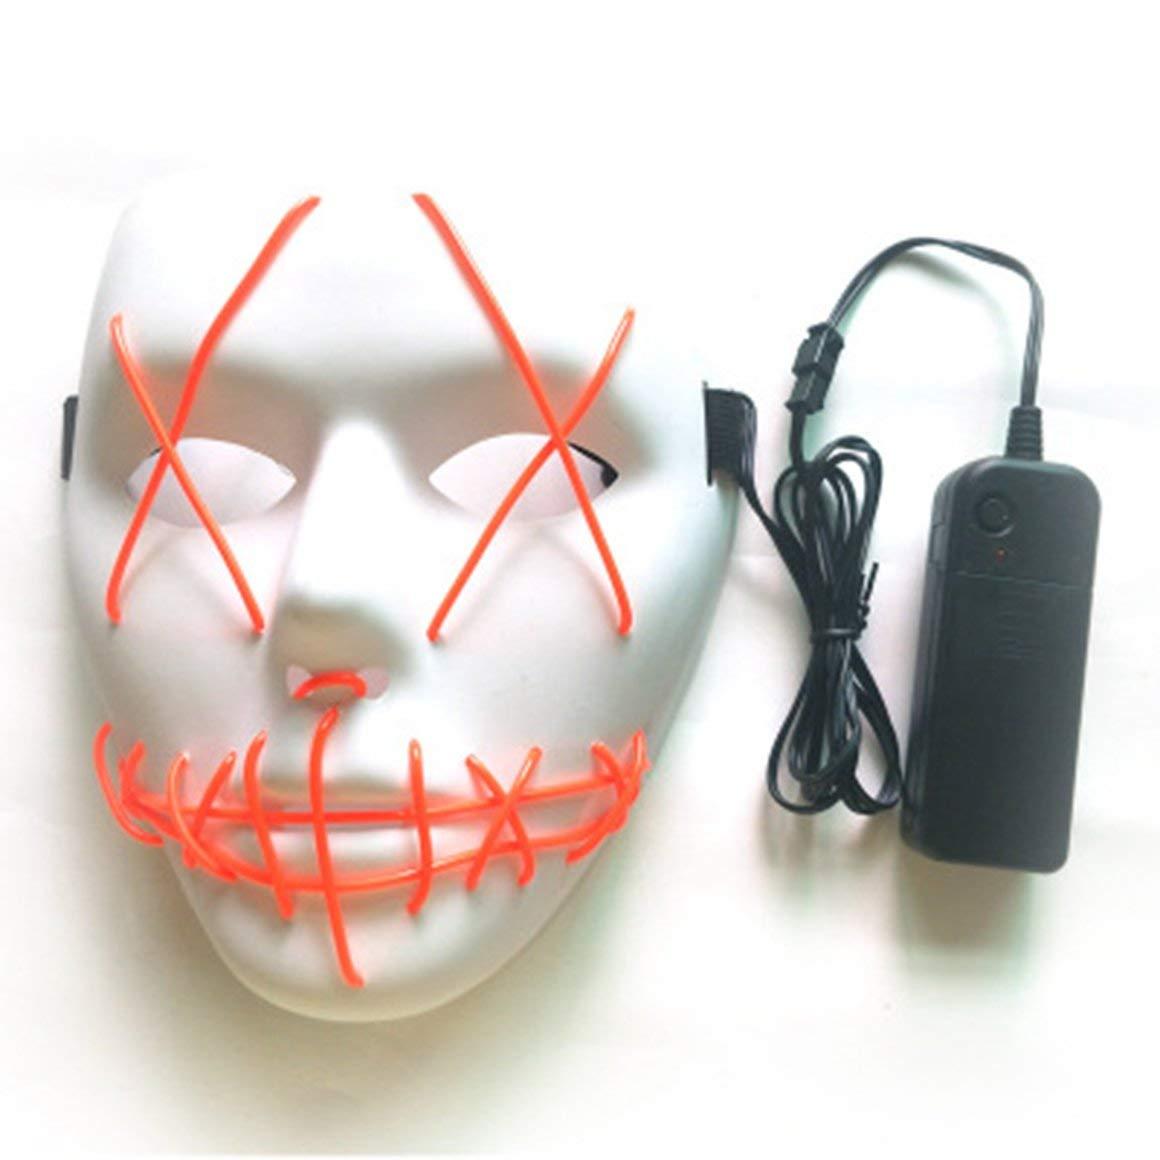 Funnyrunstore Halloween Masque Masques LED Lueur Masque Effrayant Allumer Le Masque de Cosplay Lueur dans l'obscurité pour Festival Music Costume De Noël (Blanc)